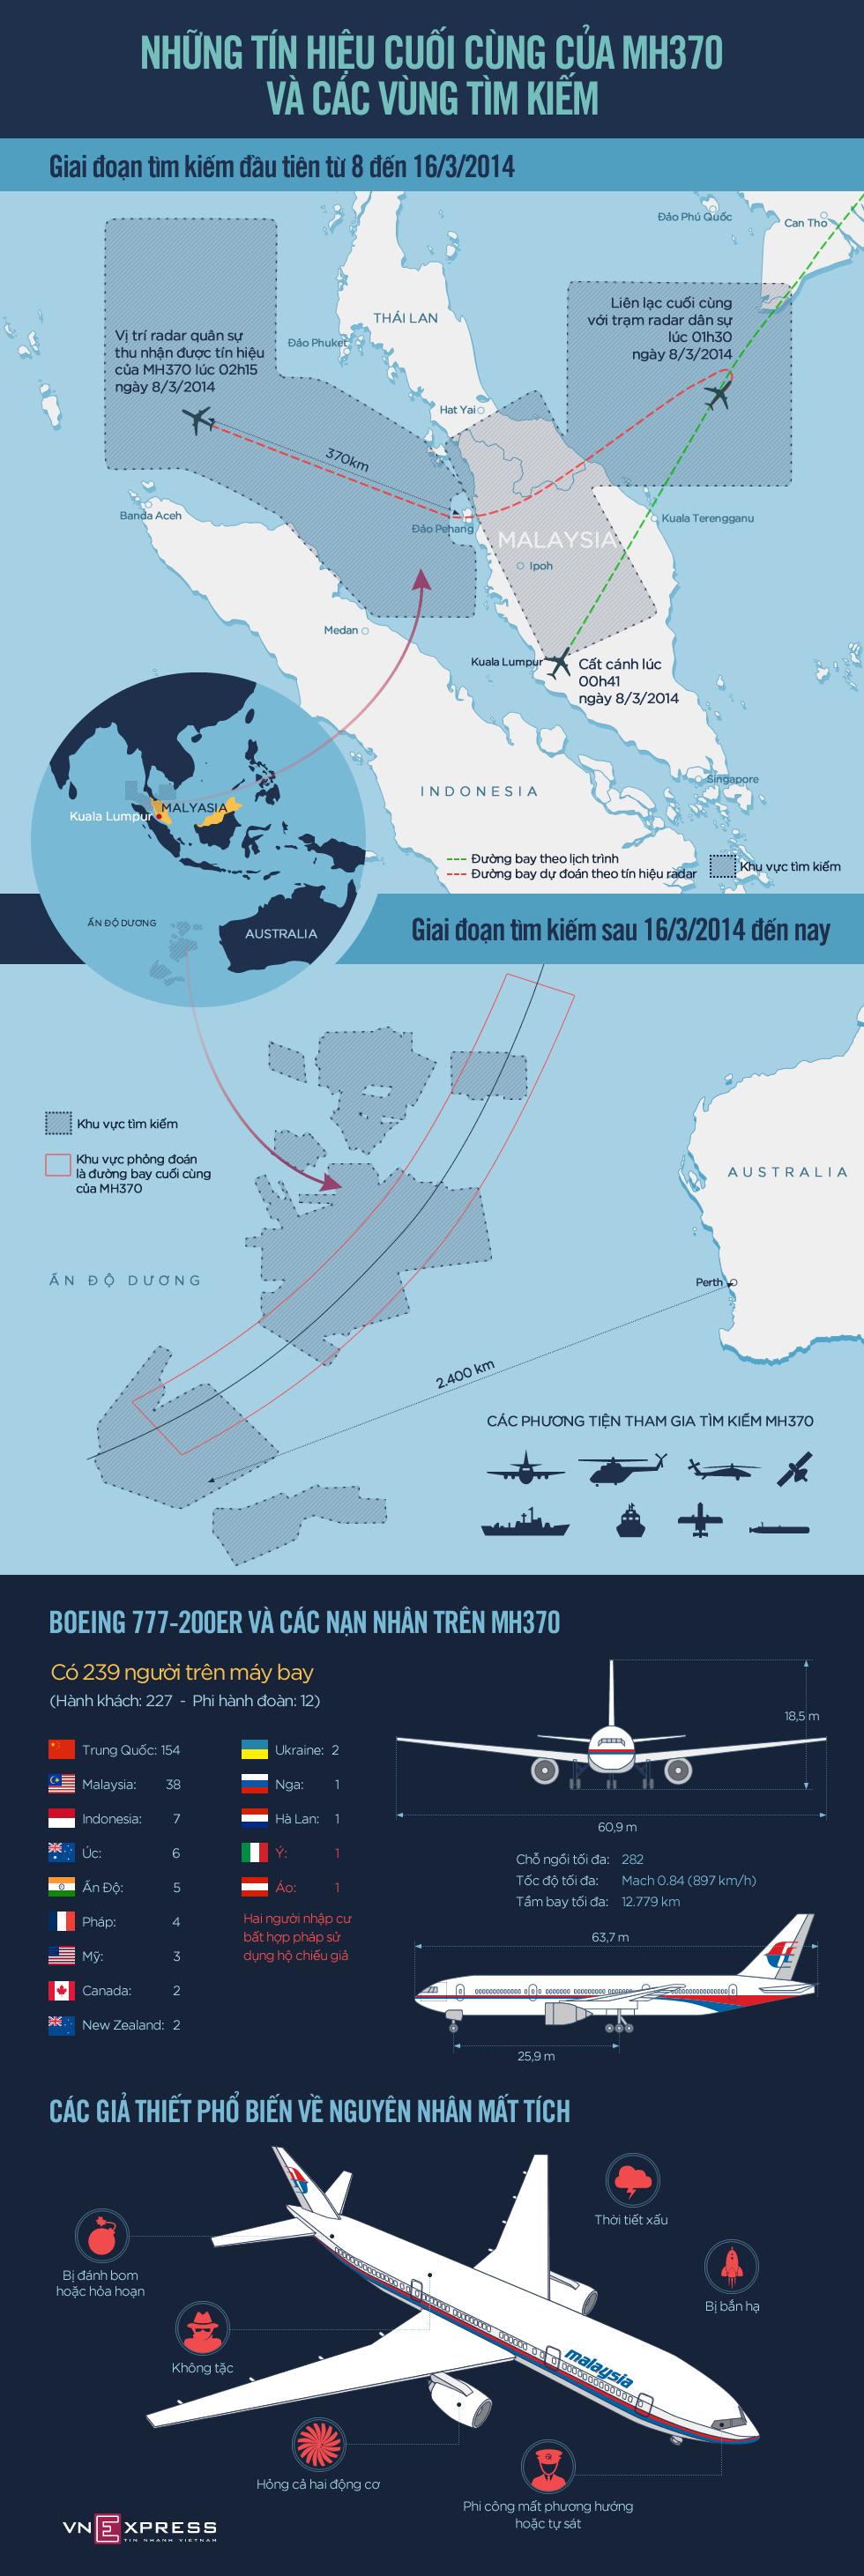 MH370 được tìm kiếm ở những khu vực nào